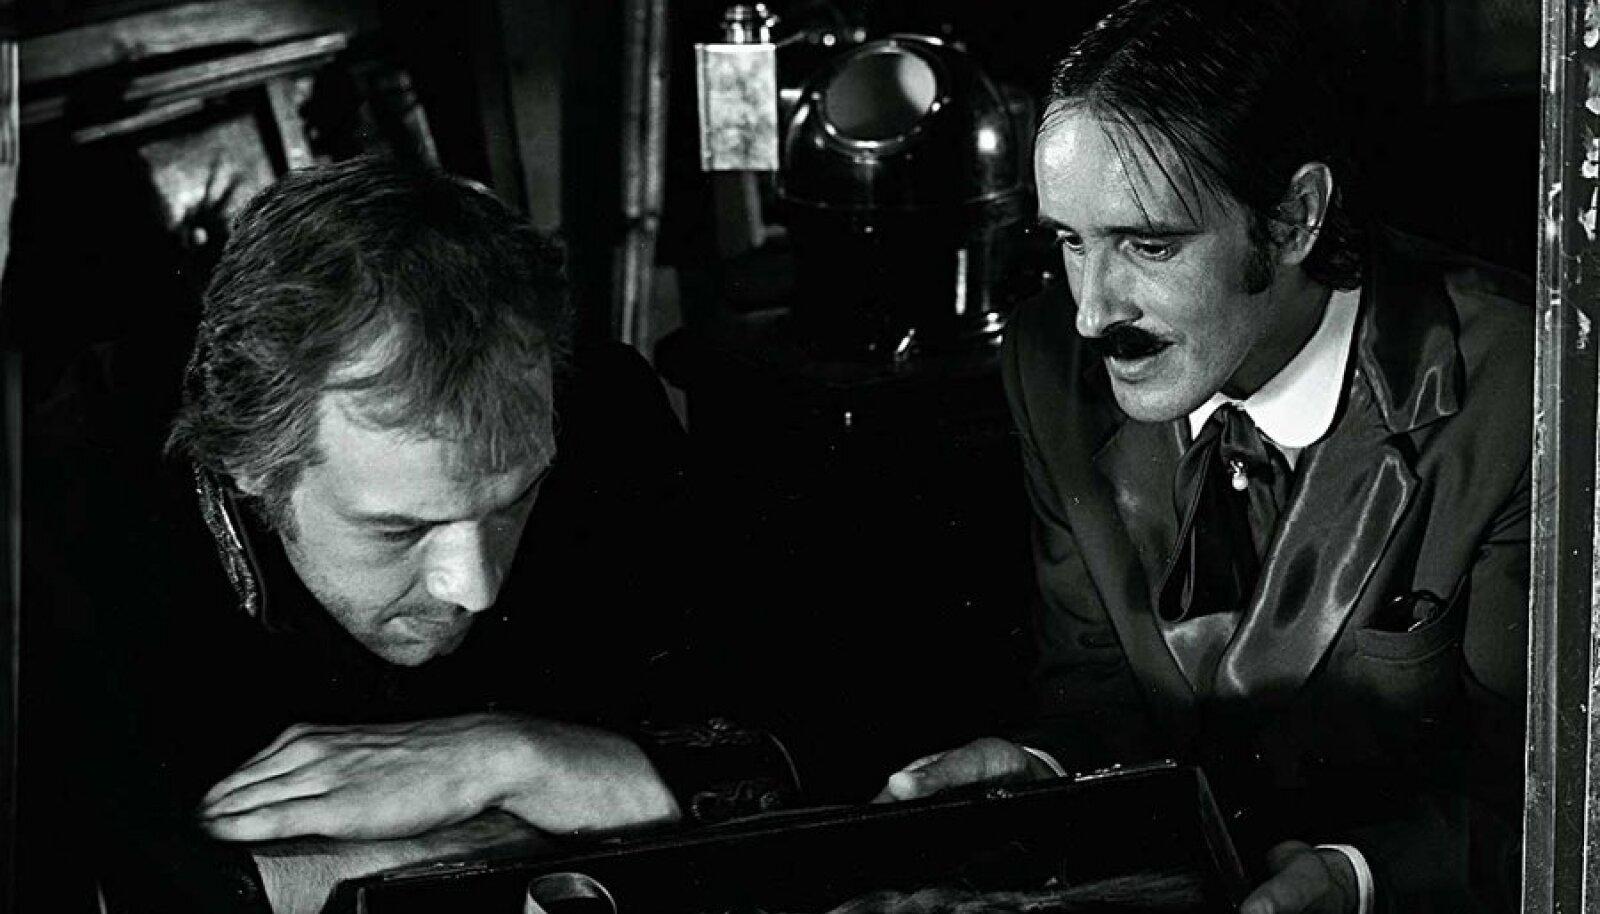 Röövlipealiku valesti elatud elu: Tark ja julm piraat Taaniel Tina (Lembit Peterson) ja rahavõimu ees vingerdav Ruuge tüüp (Lembit Ulfsak).